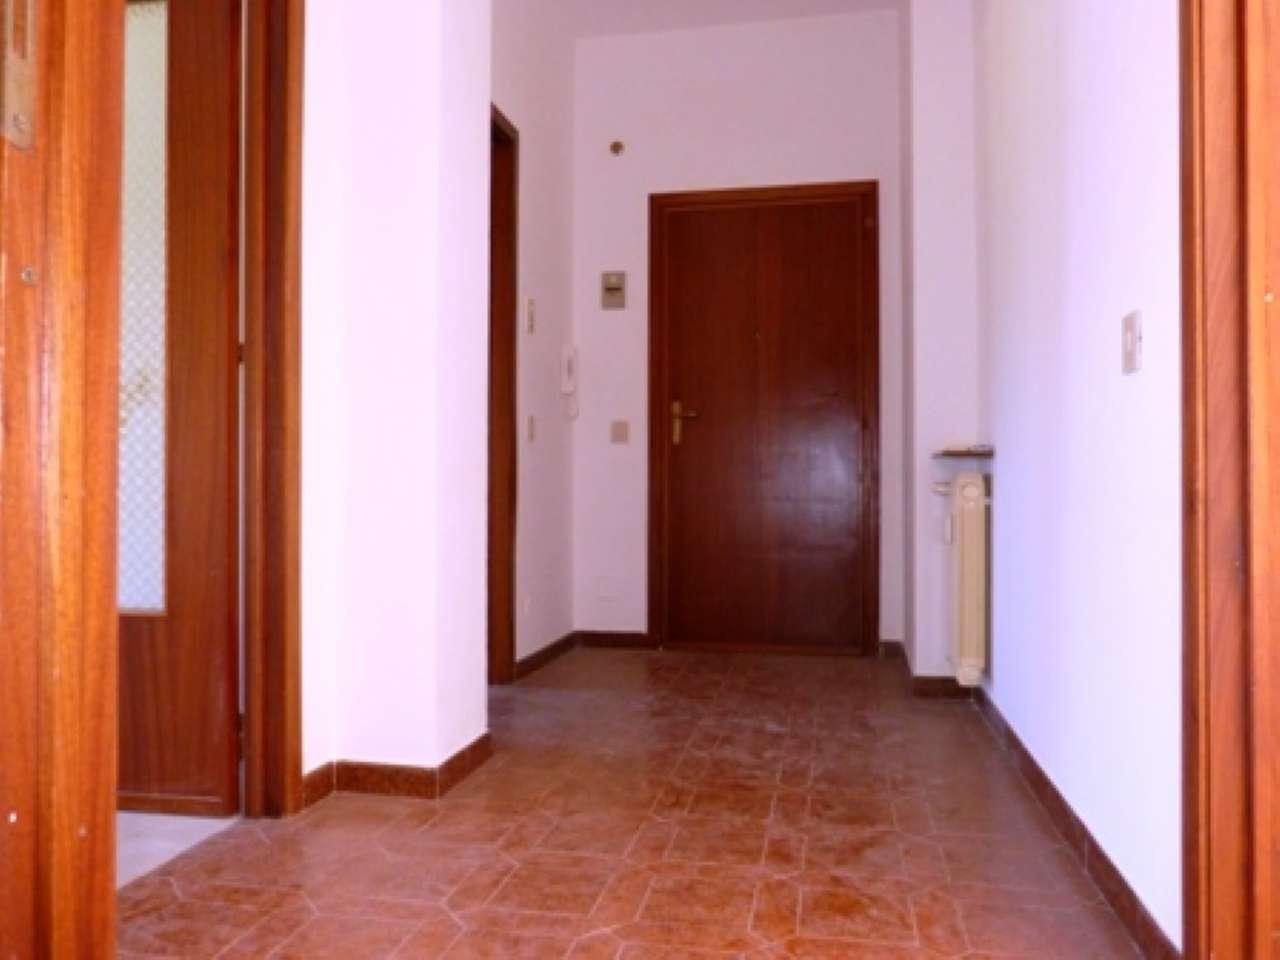 Appartamento in vendita a Sant'Albano Stura, 3 locali, prezzo € 40.000 | CambioCasa.it